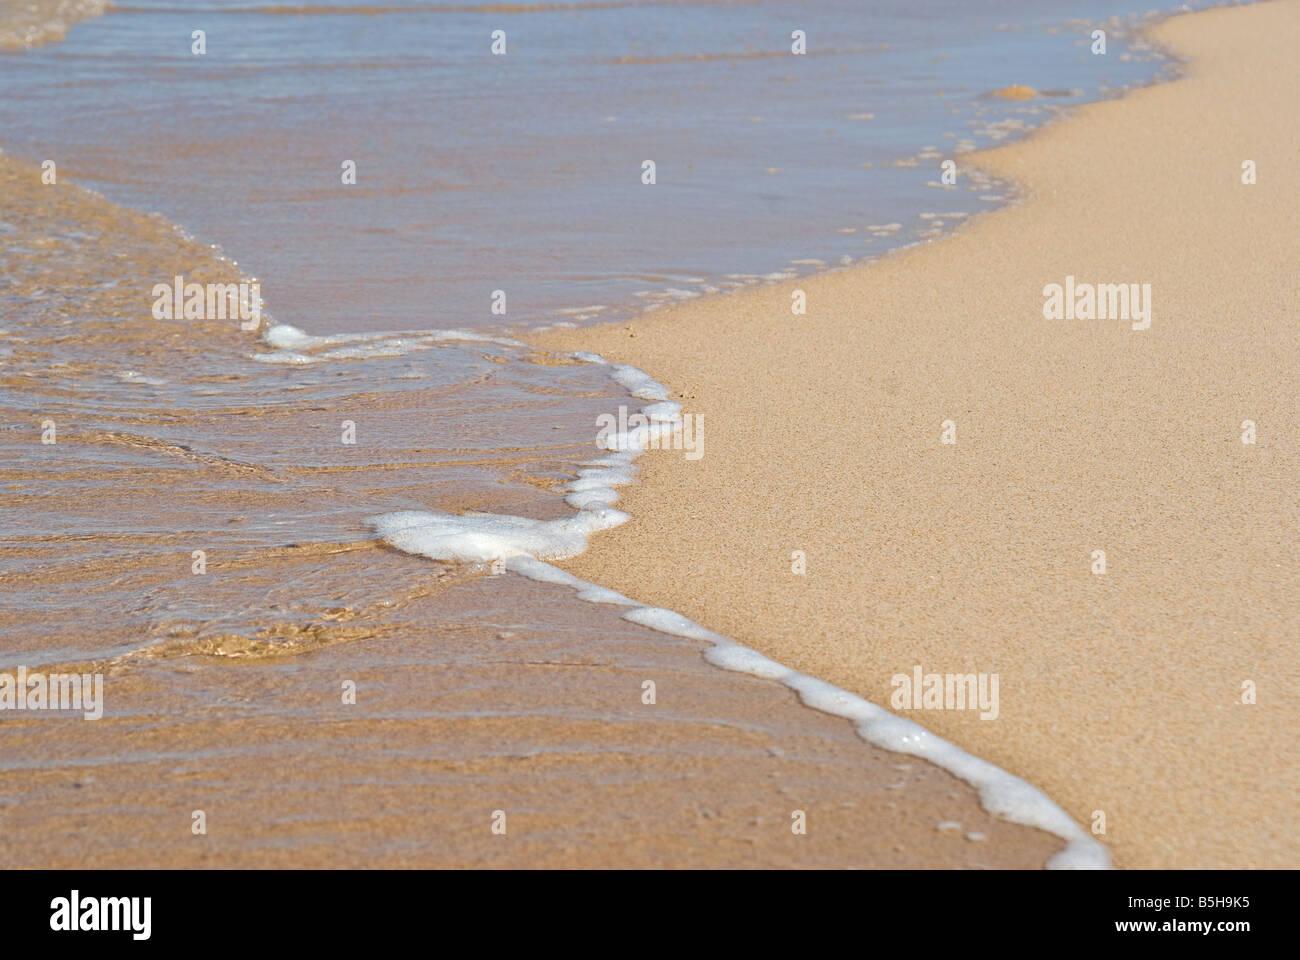 tolles Bild eines sanften ruhigen Welle am Strand Stockbild